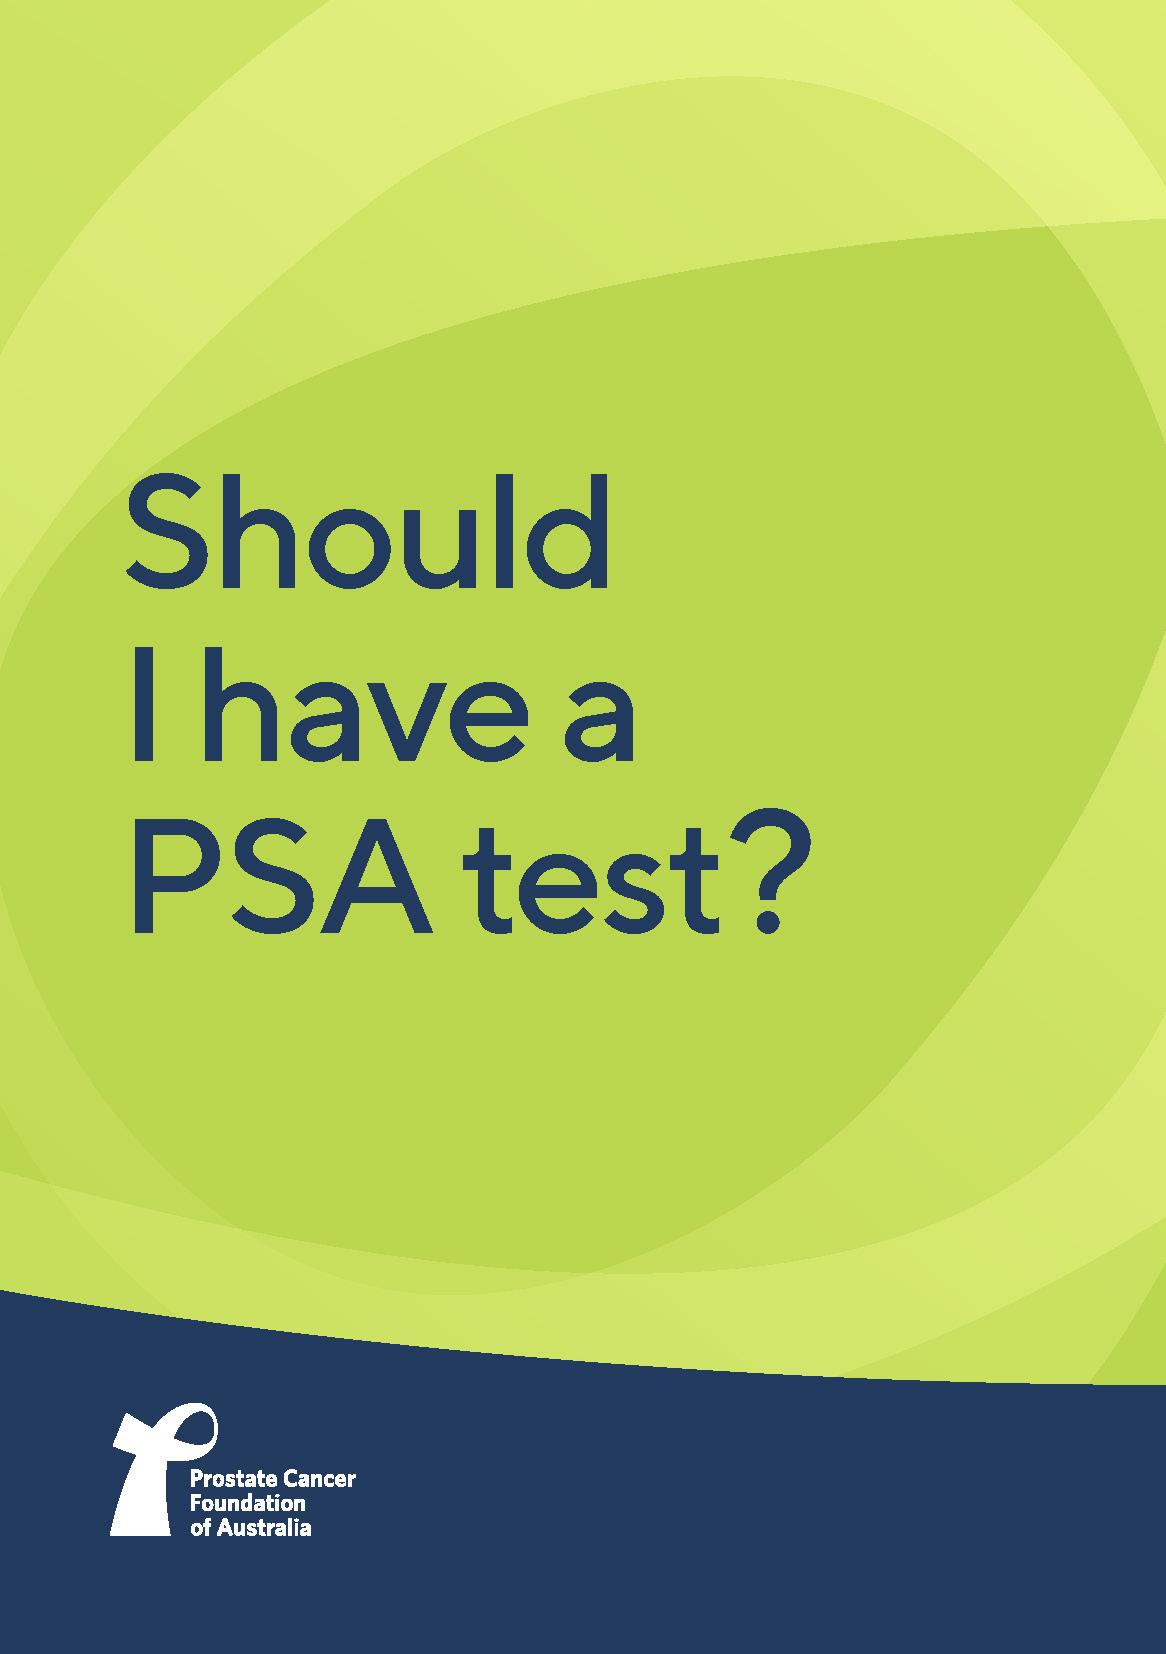 Should I have a PSA test?